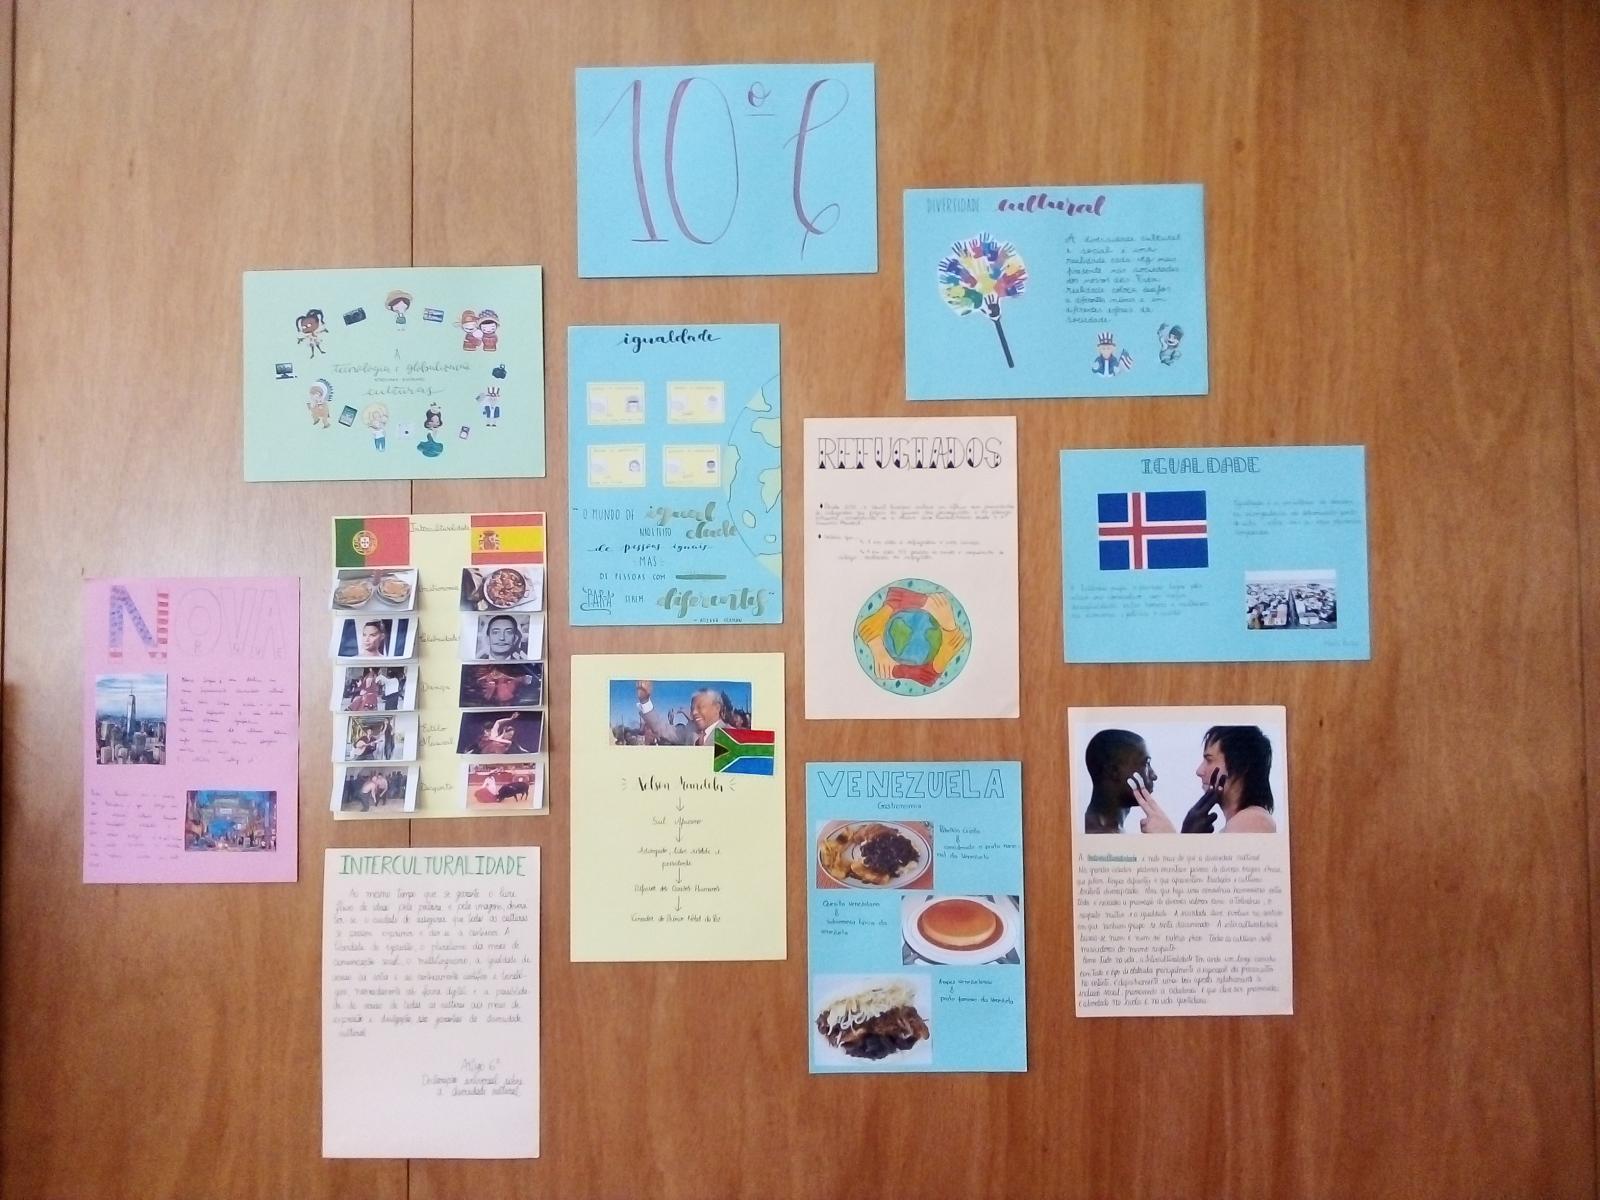 Exposição de trabalhos sobre o tema Interculturalidade